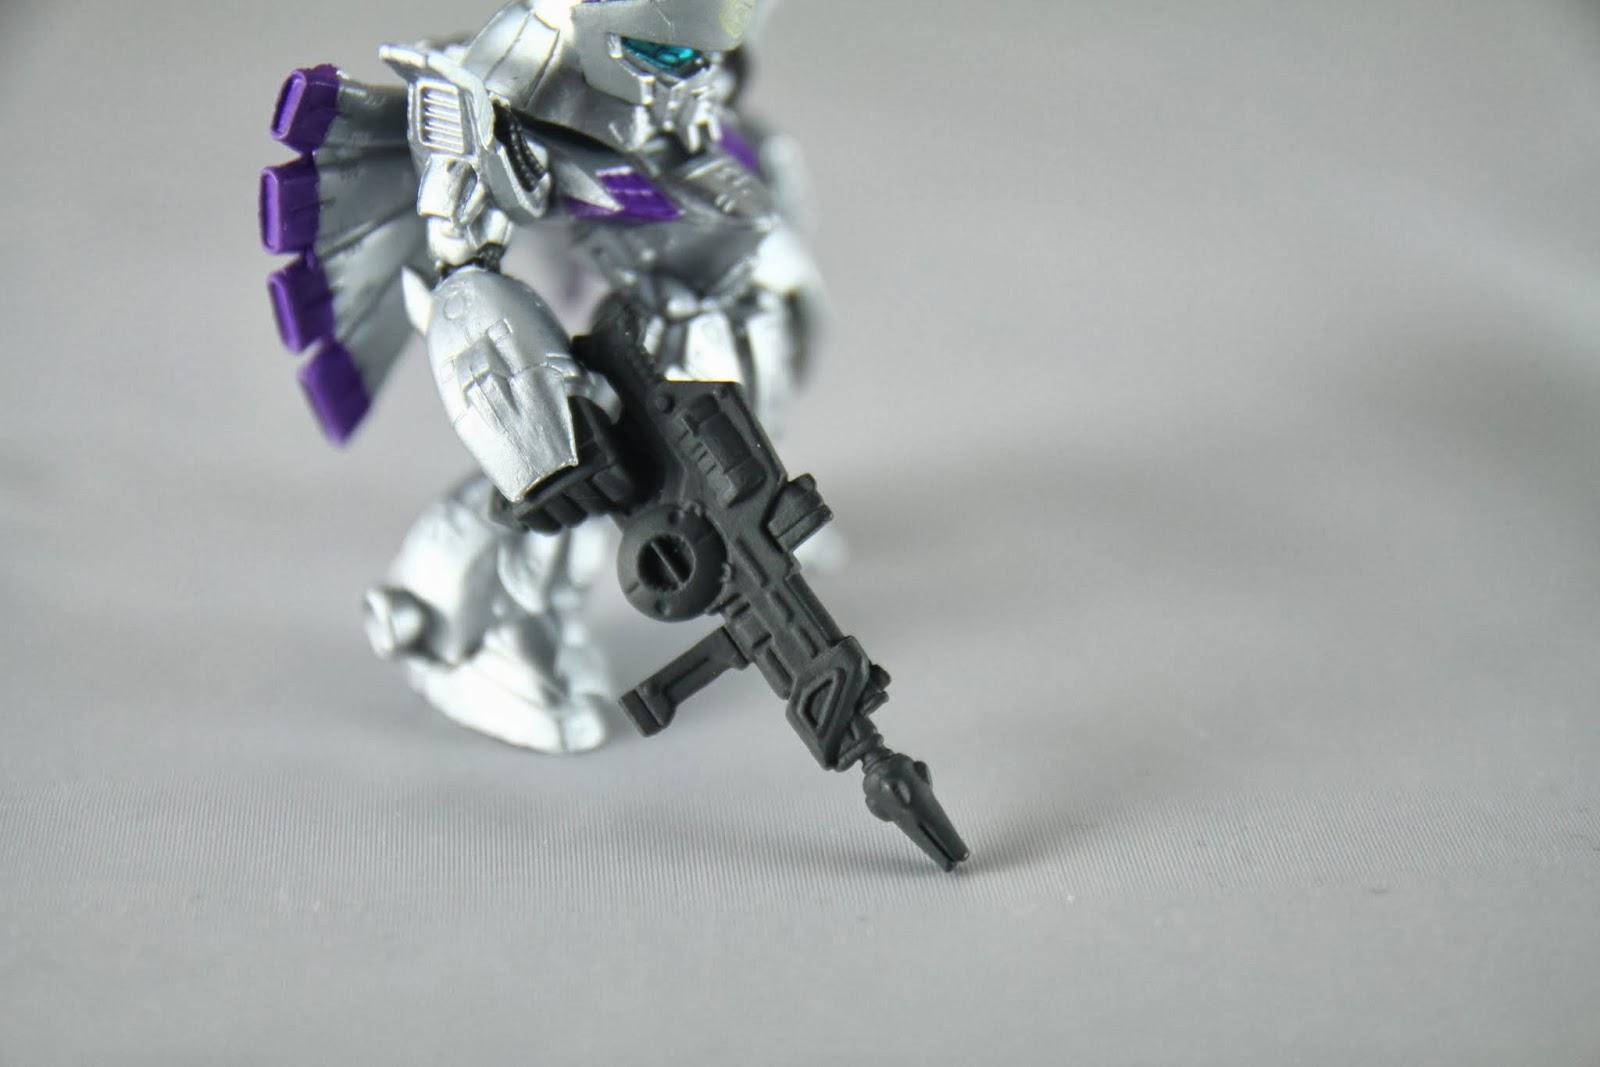 射擊專用機 所以武裝只有射擊兵器 近戰只有兩把光束刀